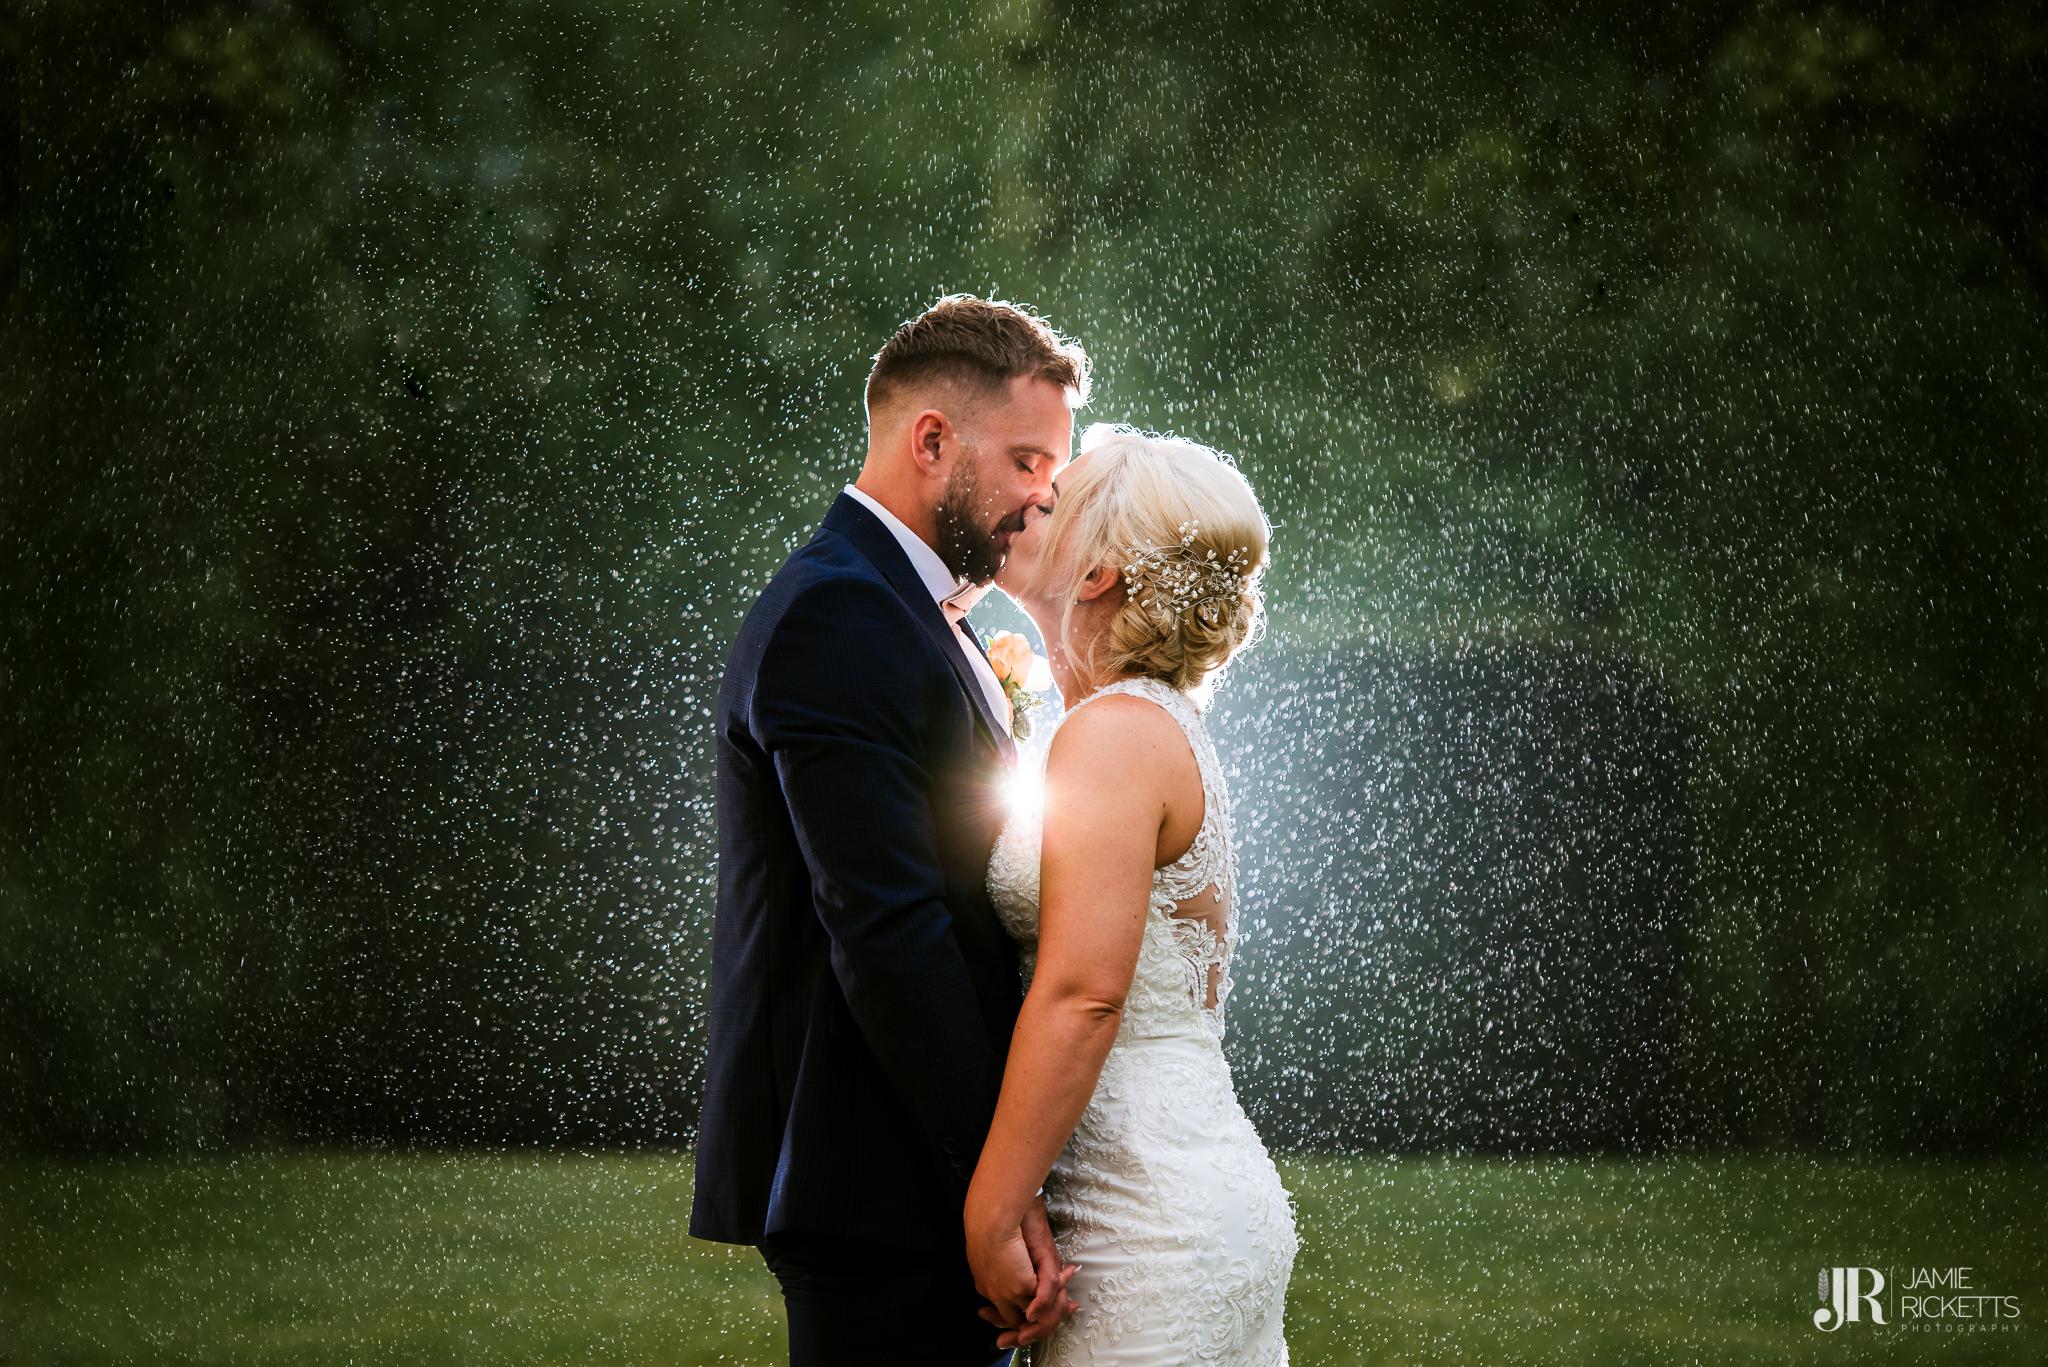 SAMBELLS WEDDING-27.05.2018-JR-237-Edit.jpg